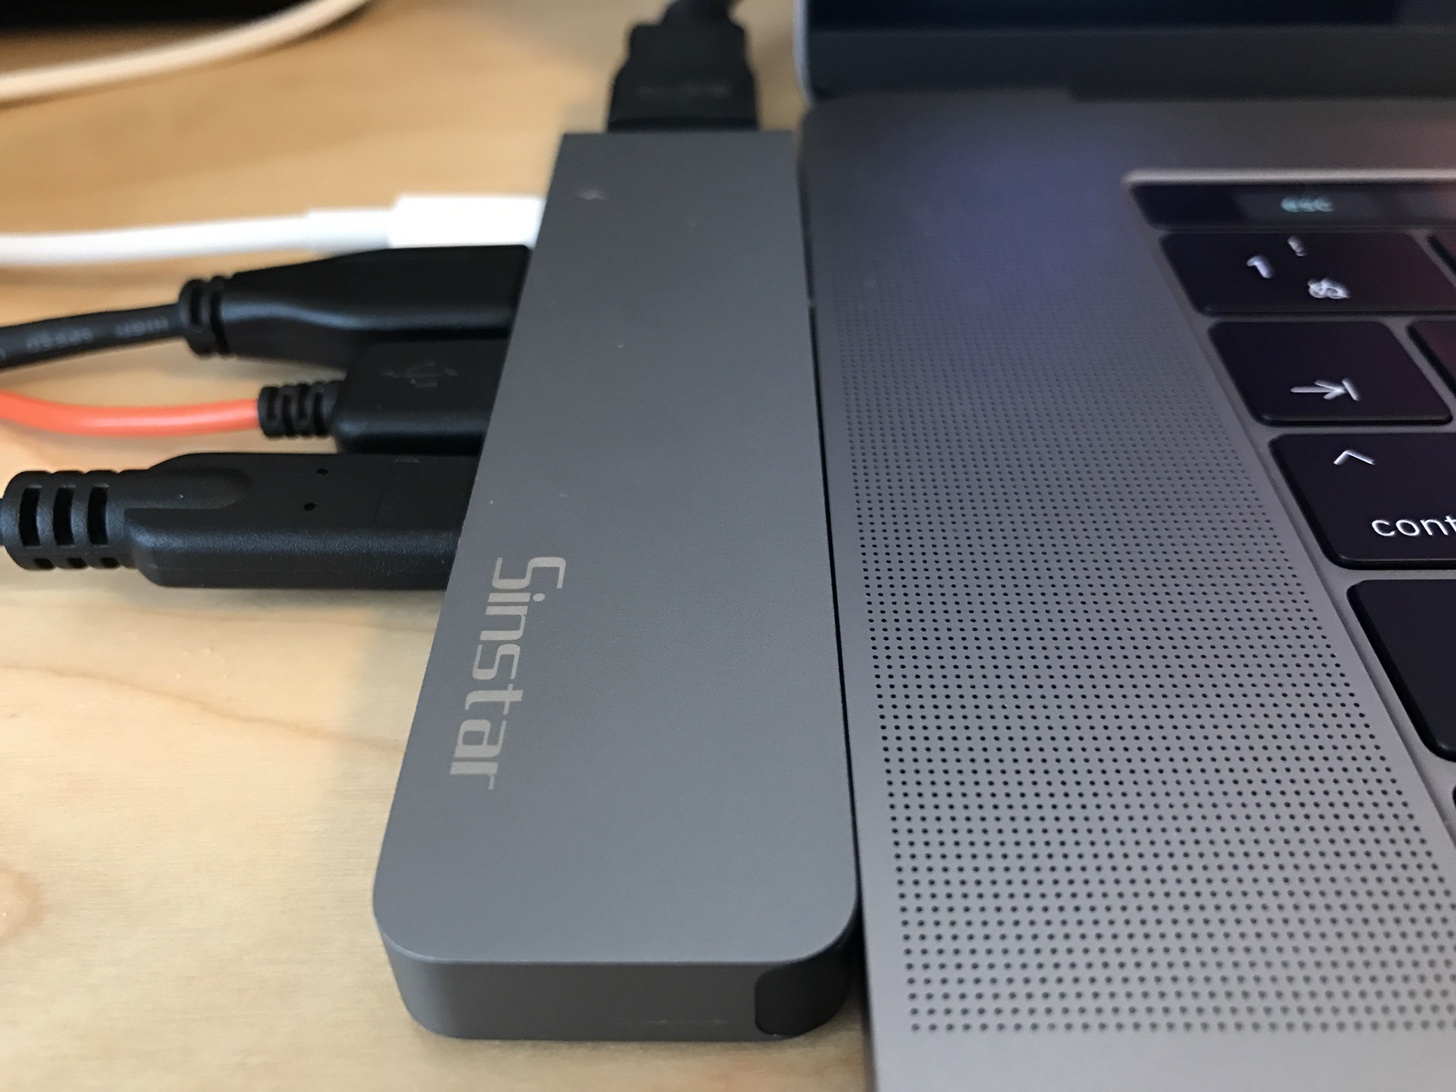 【HDMI+USB3.0対応】MacBook Pro2016/2017用のUSB Type-Cハブを購入! これ1つで失われたポートが復活したぞ!【Sicotool Type C adapter hub】